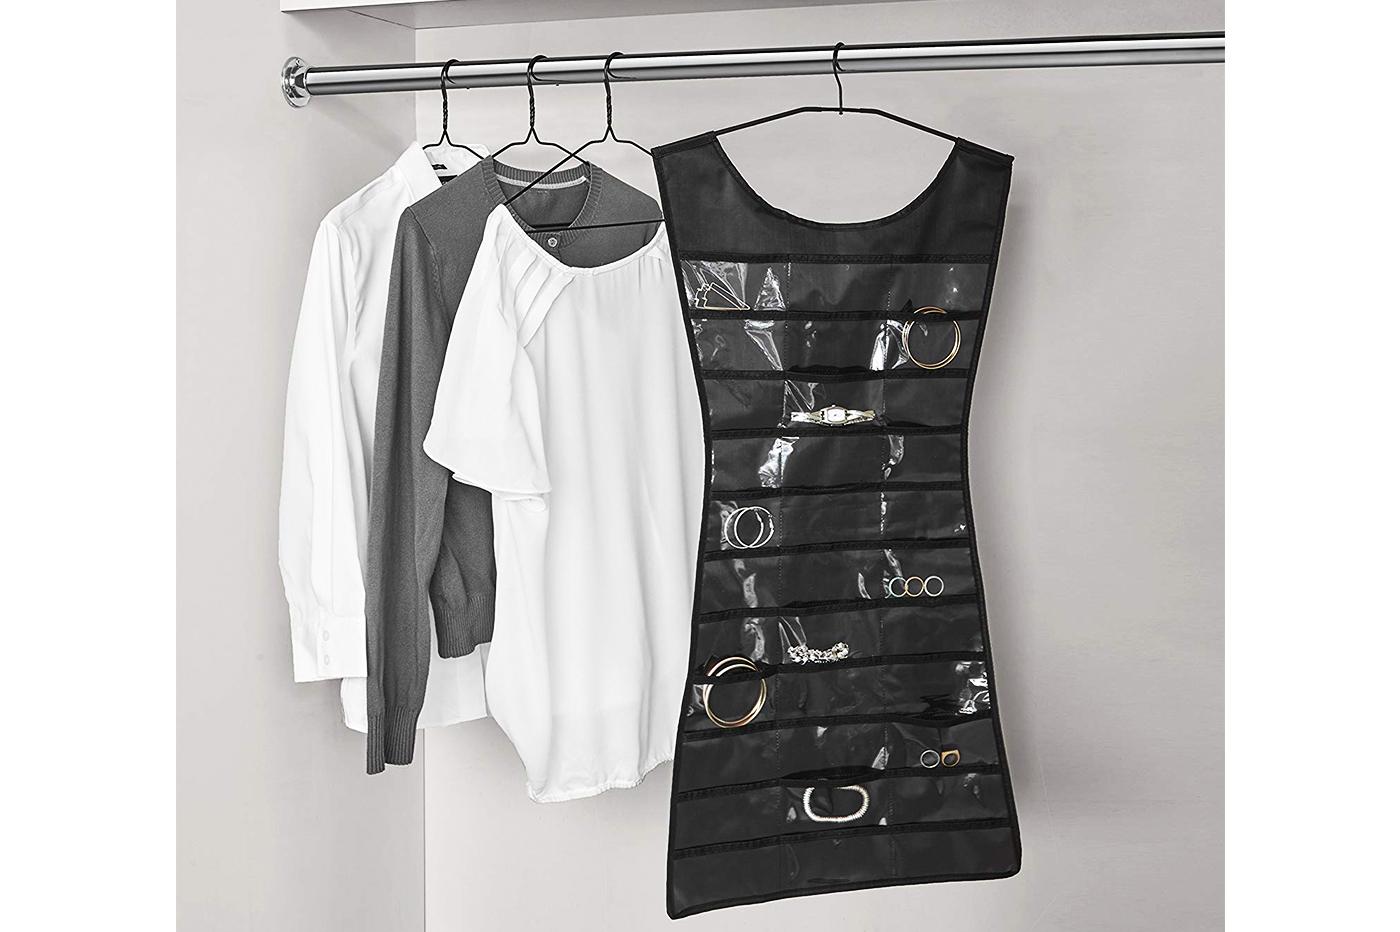 Ganci Per Appendere Collane vestito portagioielli multitasche gancio organizer portagioie abito  espositore